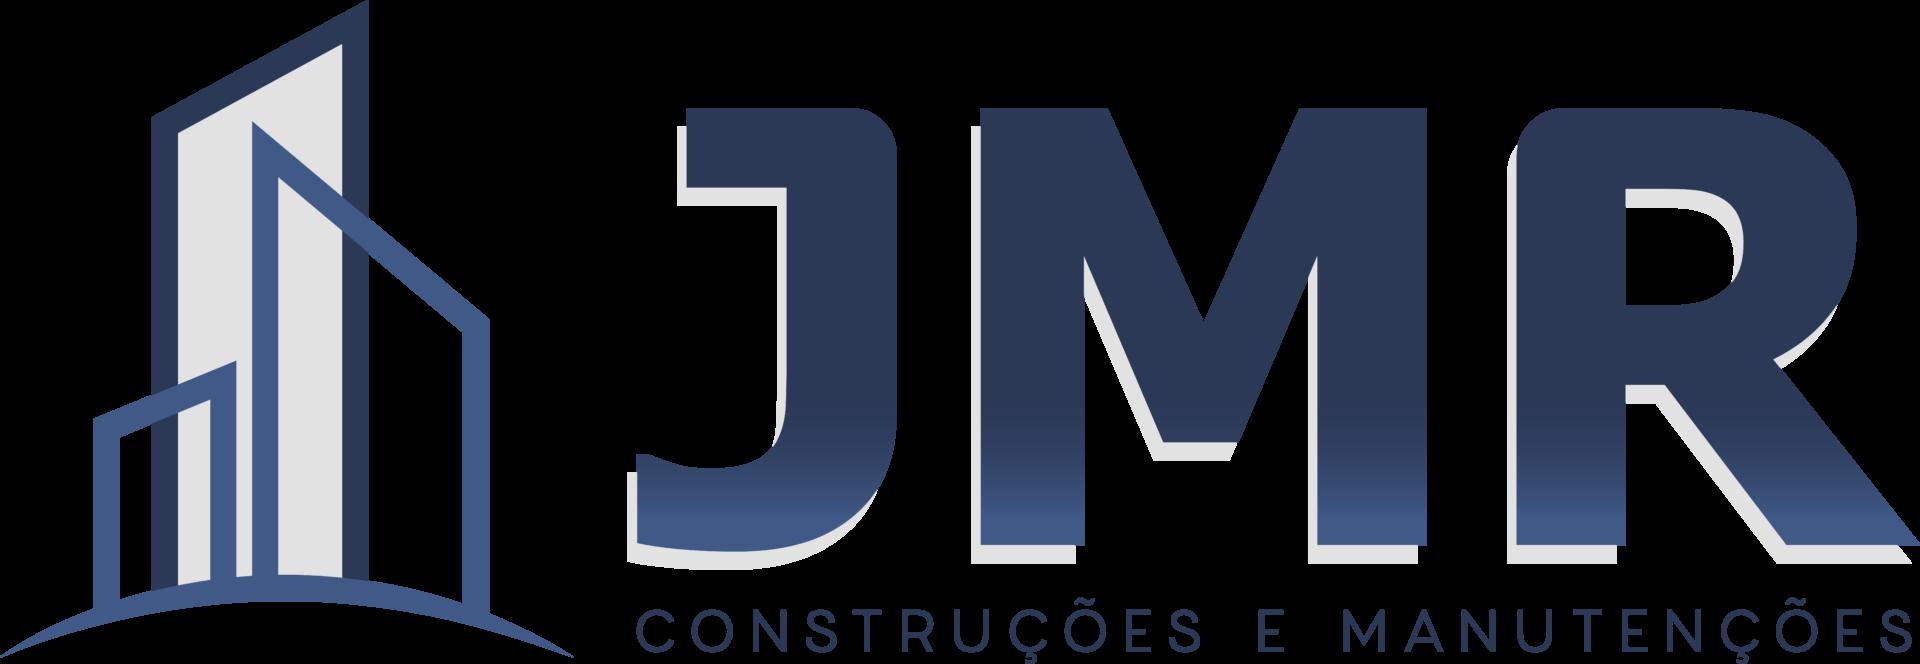 JMR - construções e manutenções